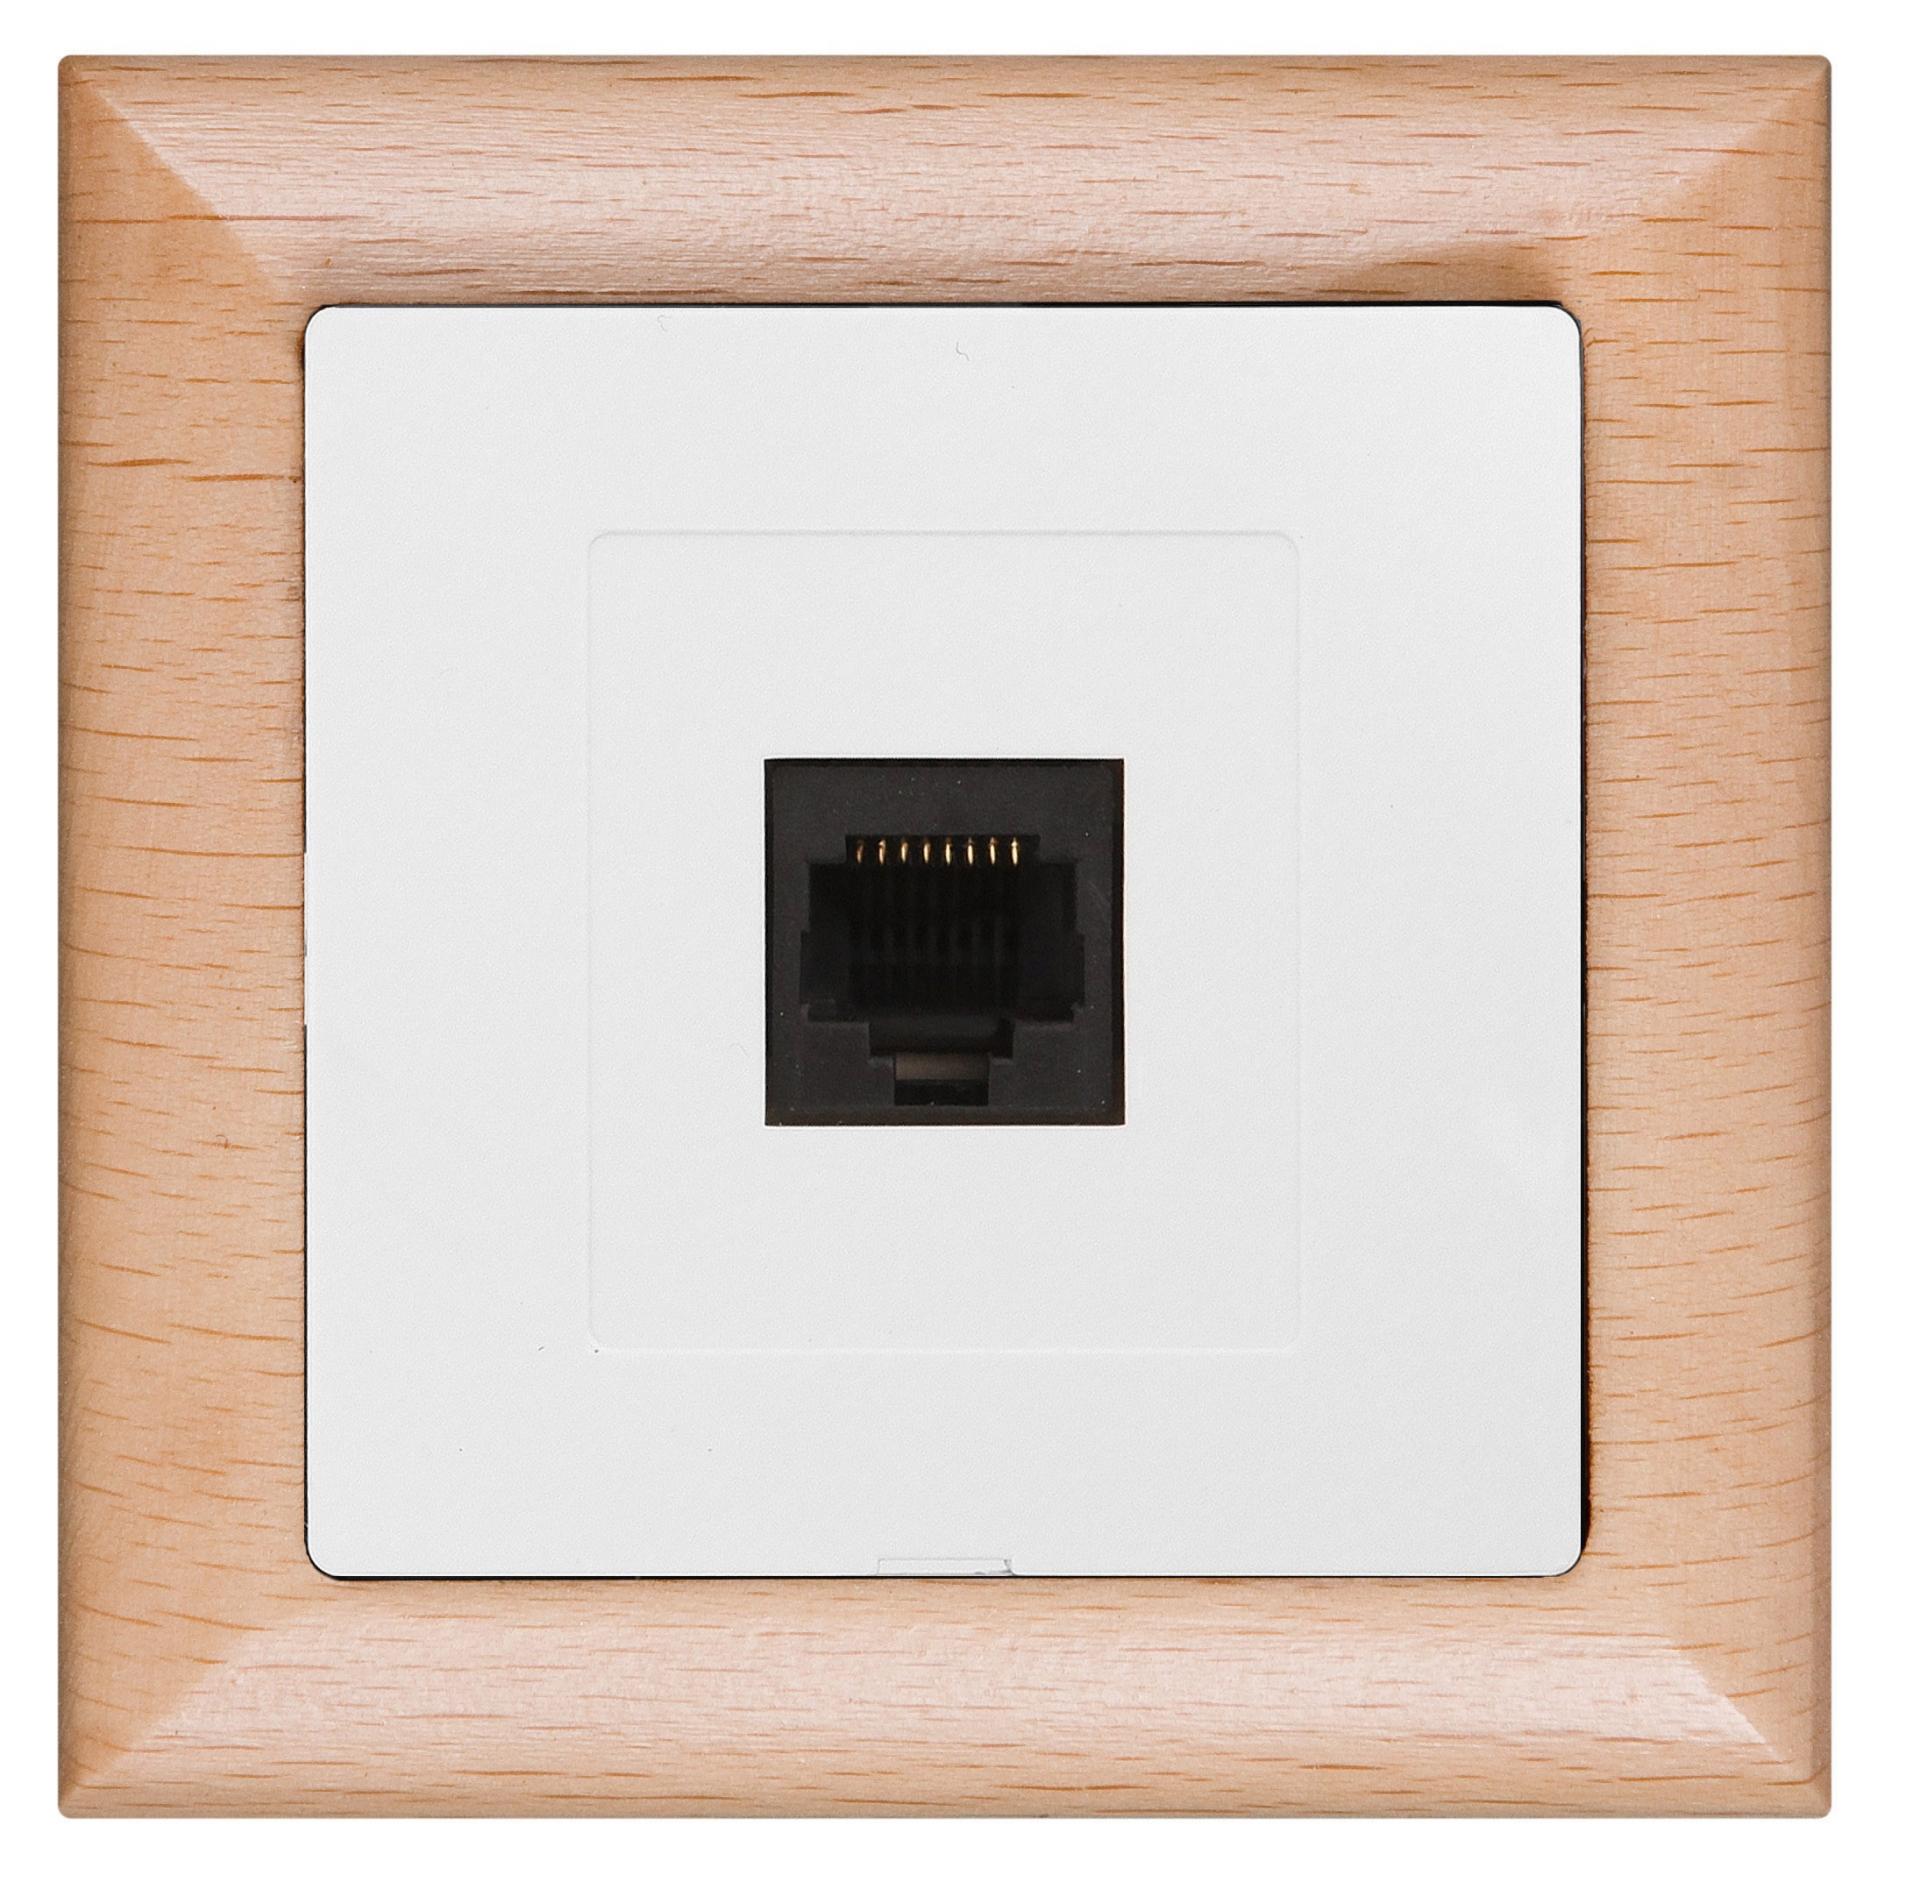 Datová zásuvka Prémium  4 pin, kombinace dřevo buk, bílá